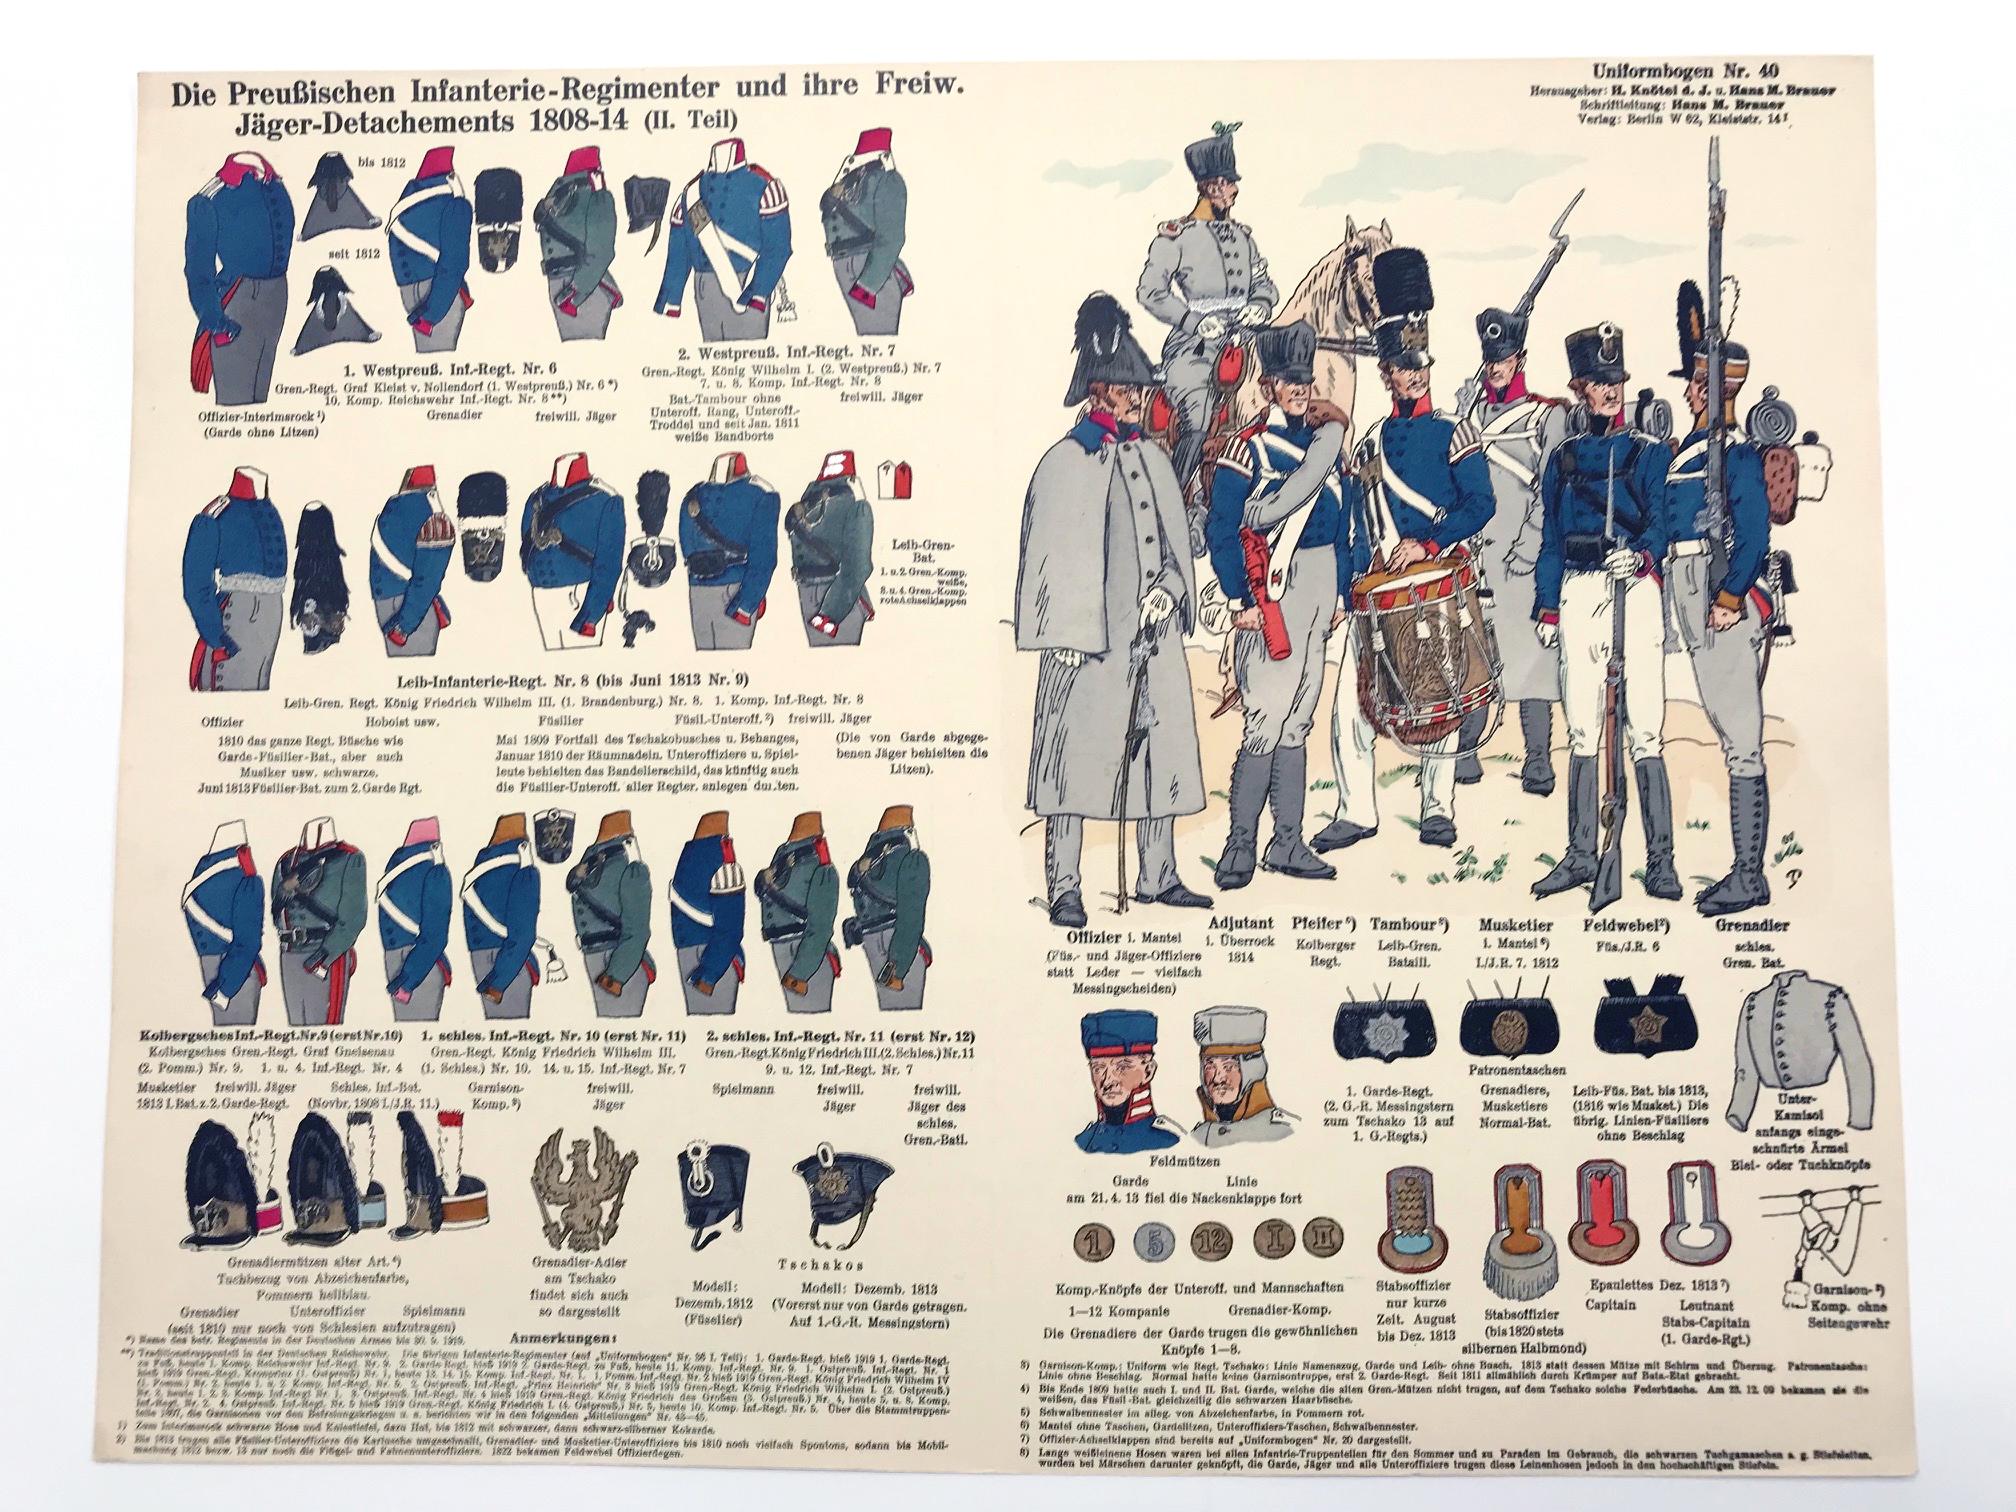 Planche 40- Heer Und Tradition - Hans Bauer - Uniforme - Preussischen Infanterie - 1808-1814 - Die Historische Uniformierung